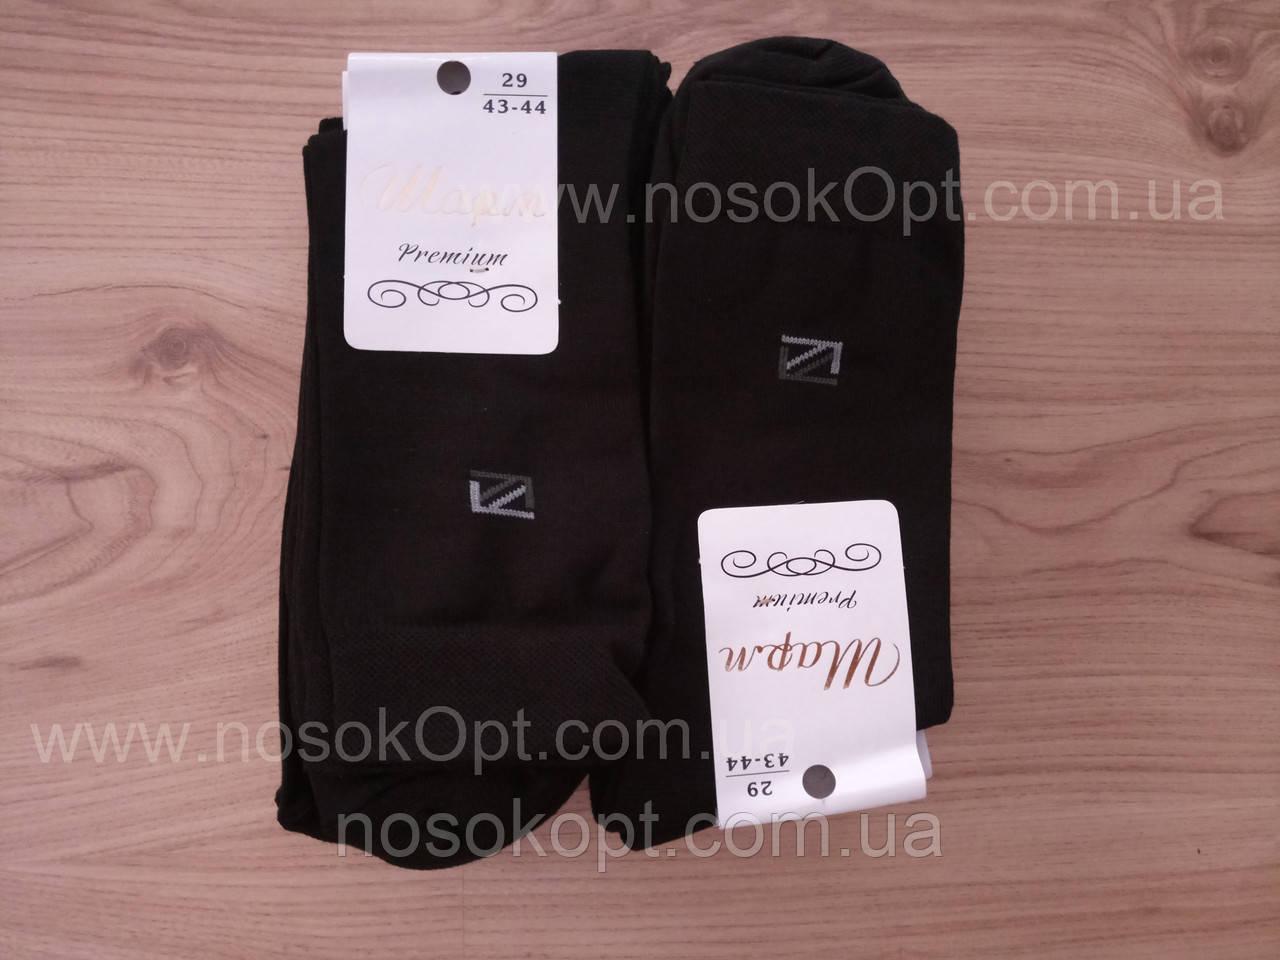 67787cb5c Носки мужские Шарм классика (черные) 29 опт: продажа, цена в ...